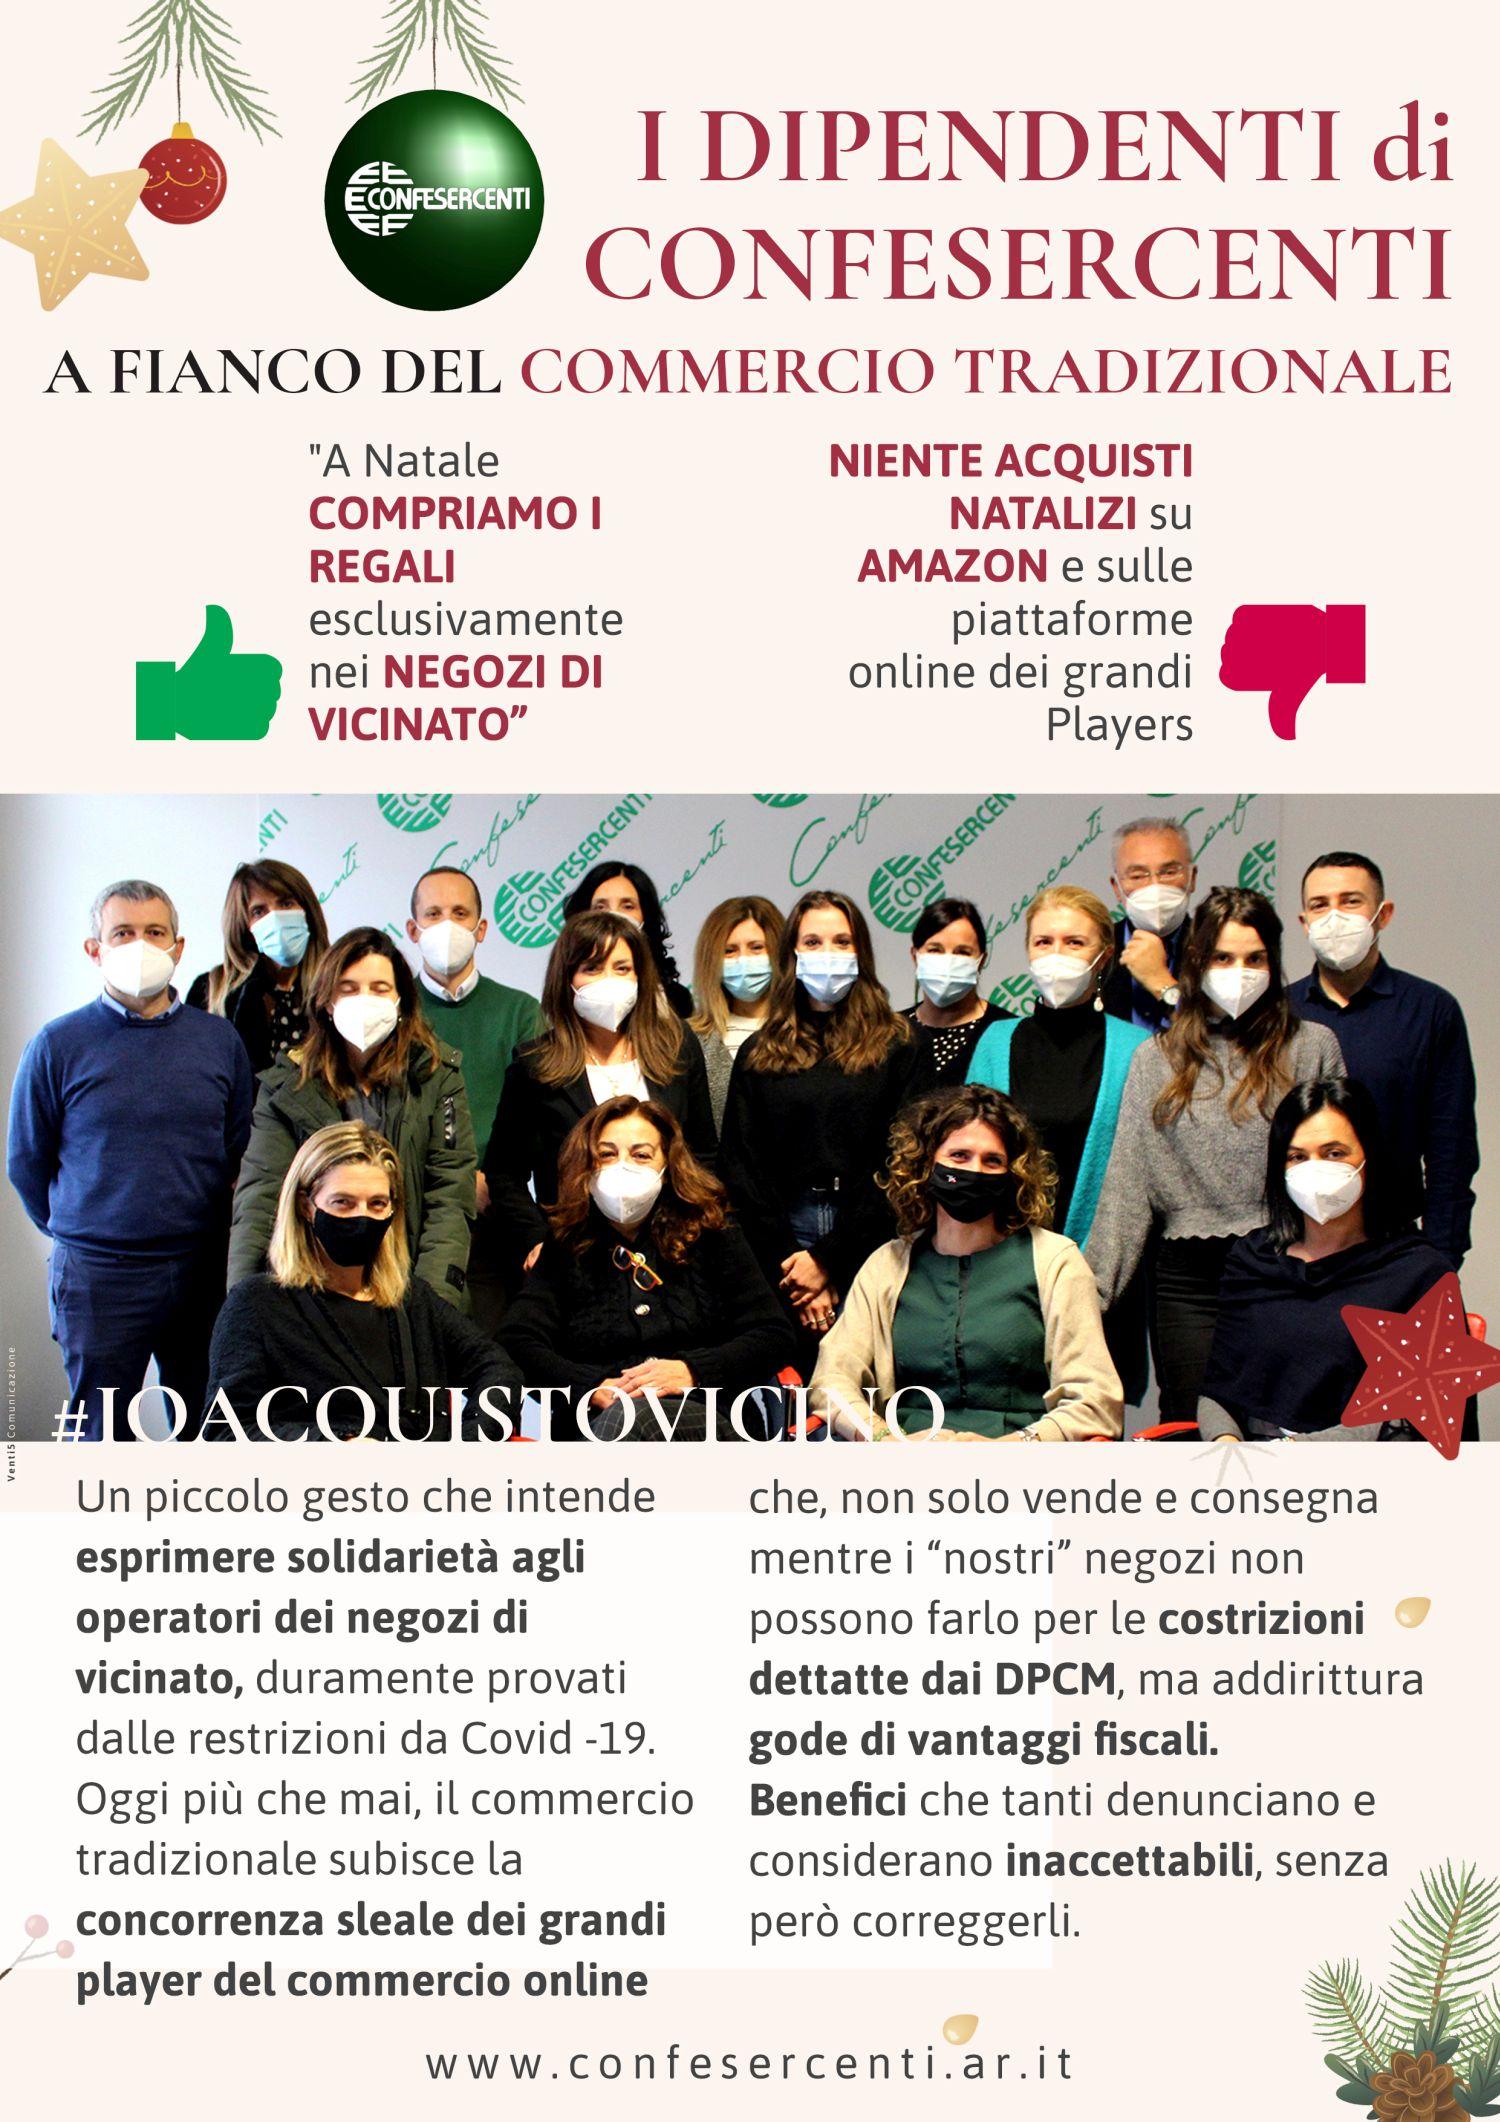 Confesercenti Arezzo: i dipendenti acquistano i regali natalizi solo nei negozi